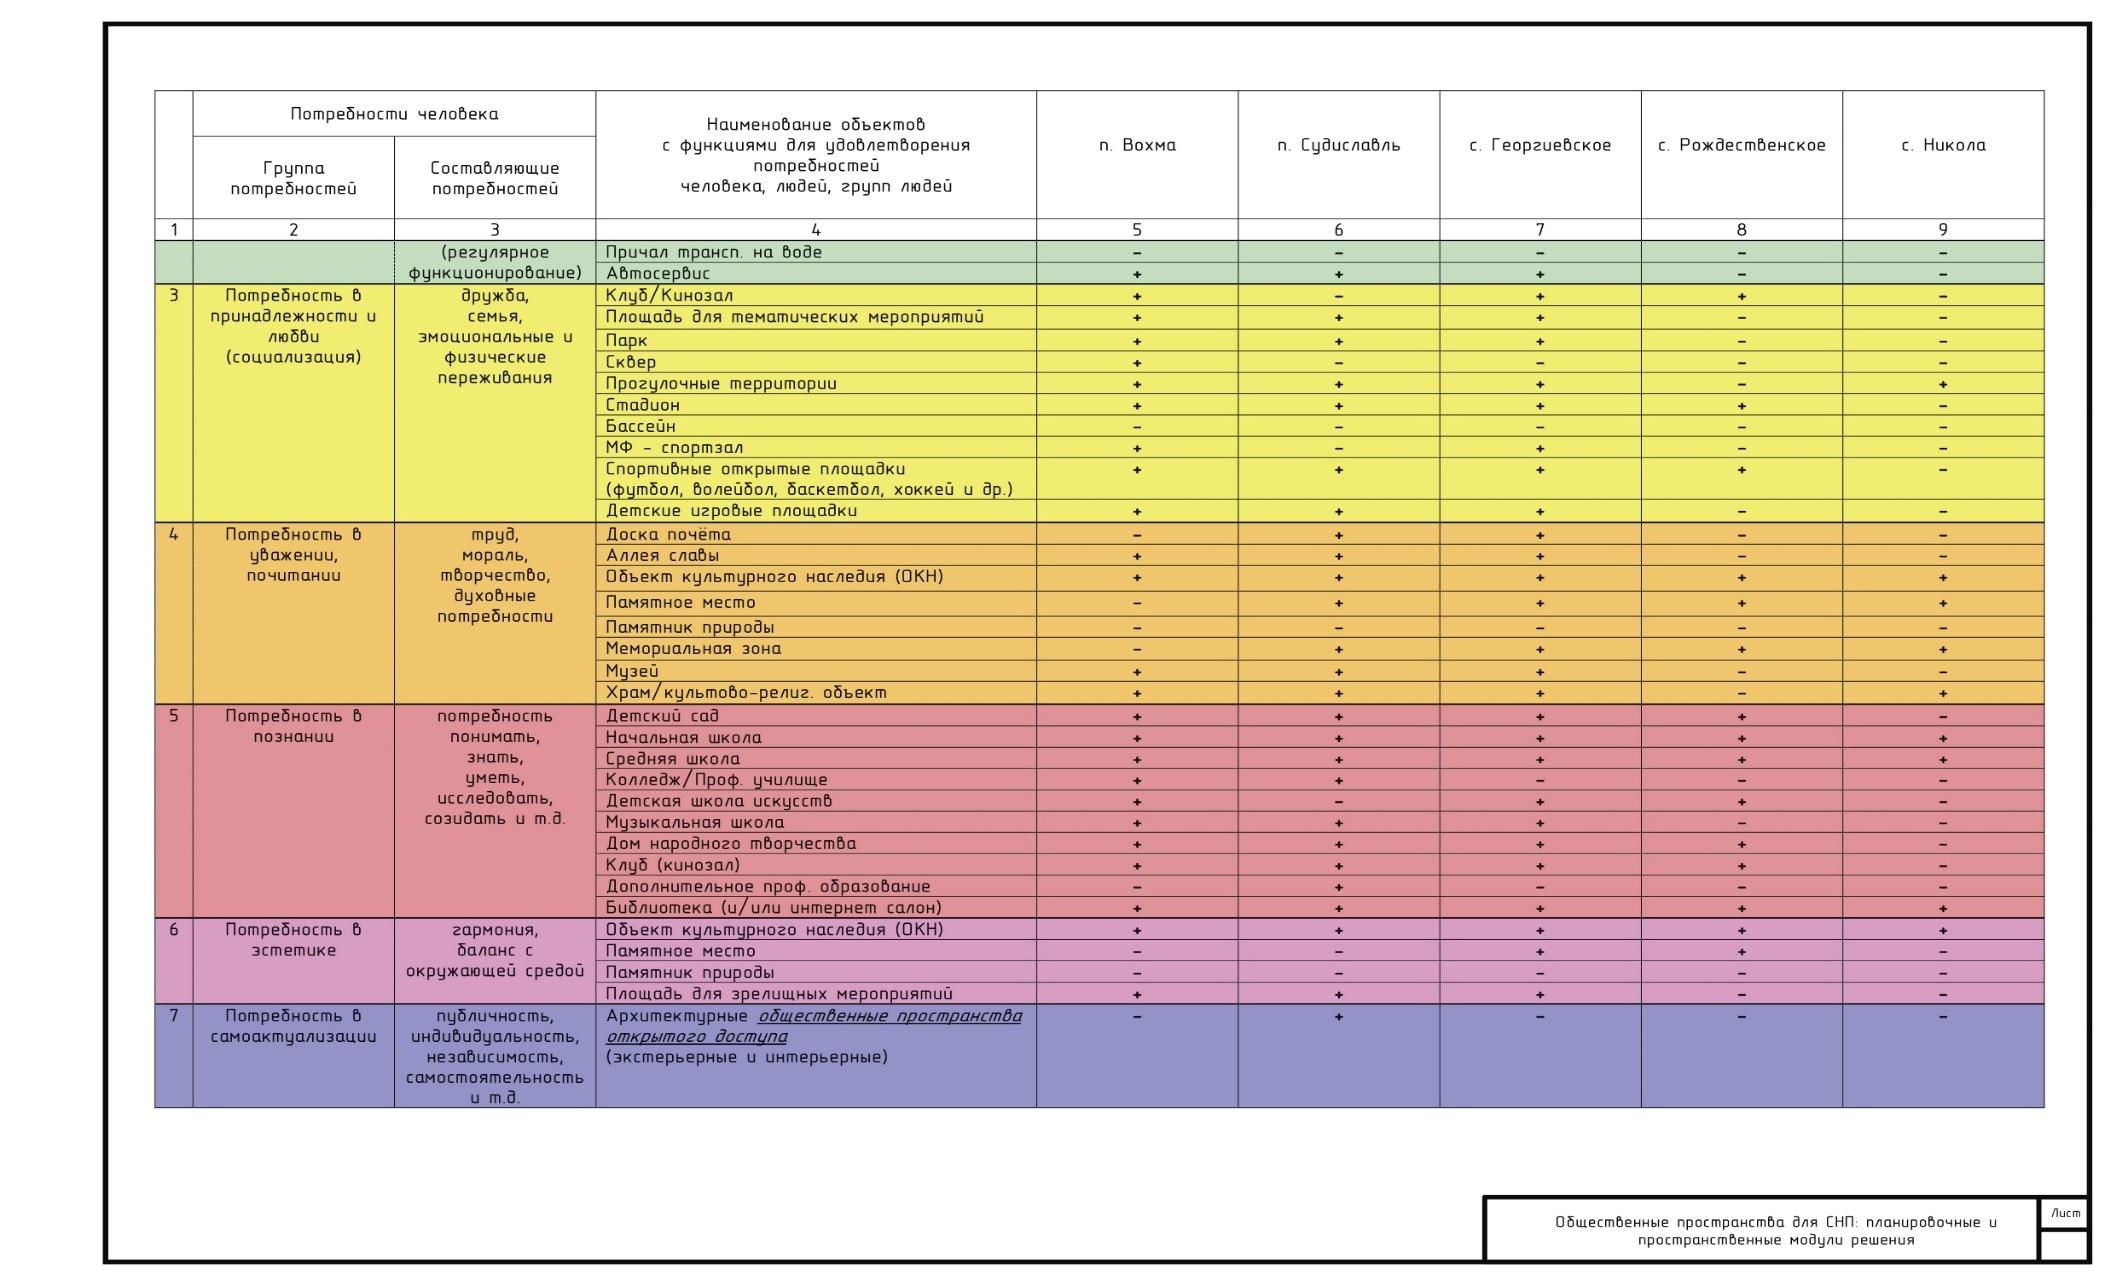 word image 98 Разработка методических рекомендаций по типовым модулям планировочных и архитектурных решений, рекомендуемых к применению в проектировании и строительстве общественных пространств с объектами многофункционального назначения в сельских населённых пунктах